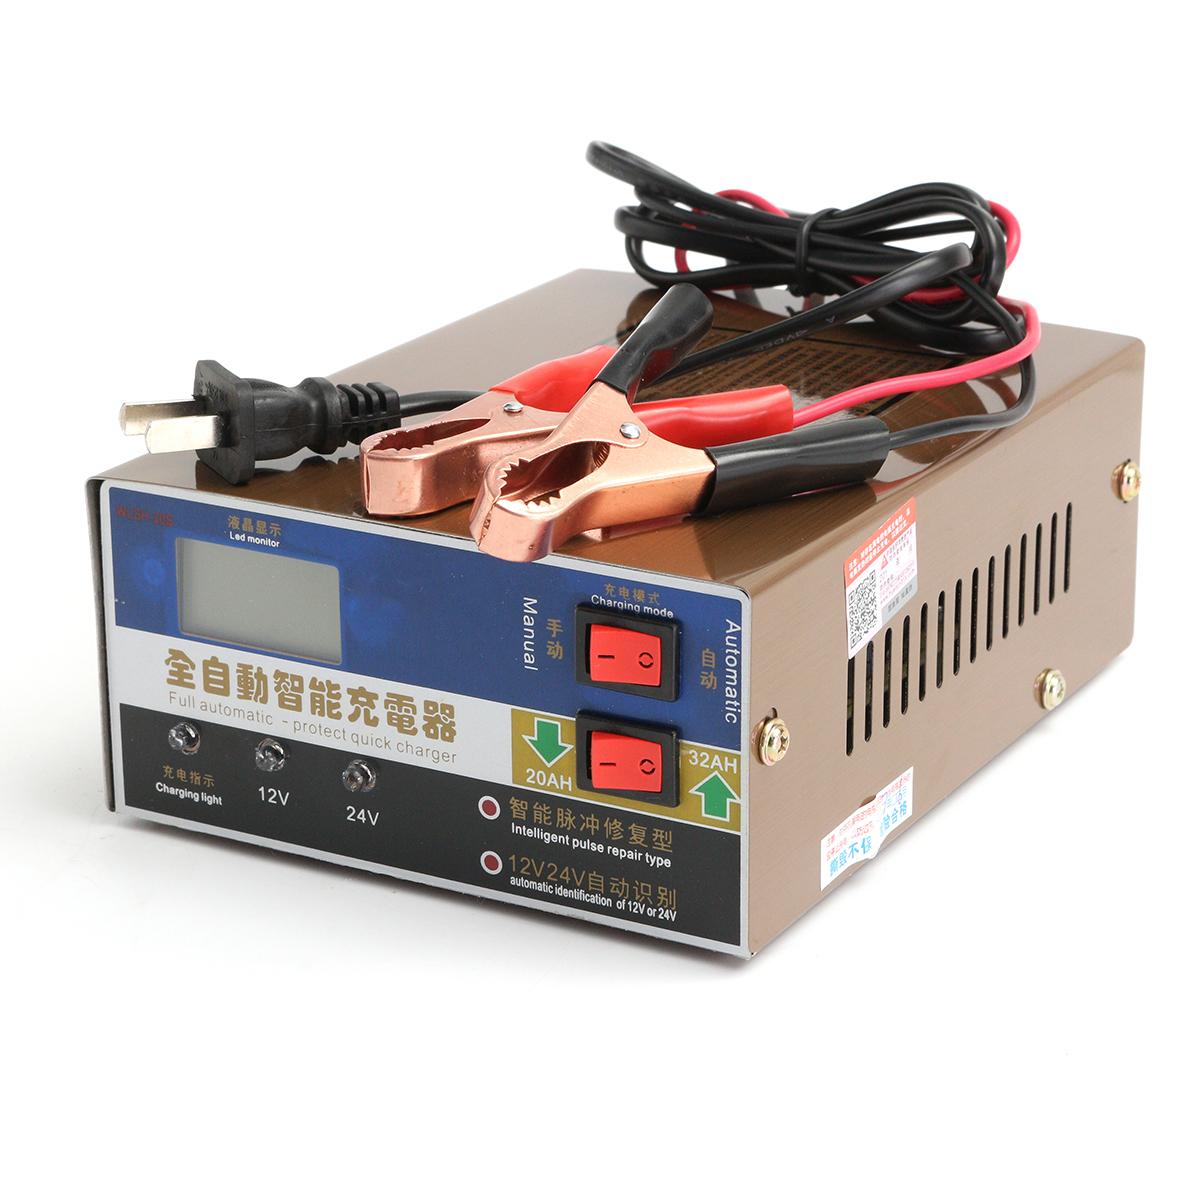 12v 24v 100ah car motorcycle battery charger intelligent pulse repair smart. Black Bedroom Furniture Sets. Home Design Ideas